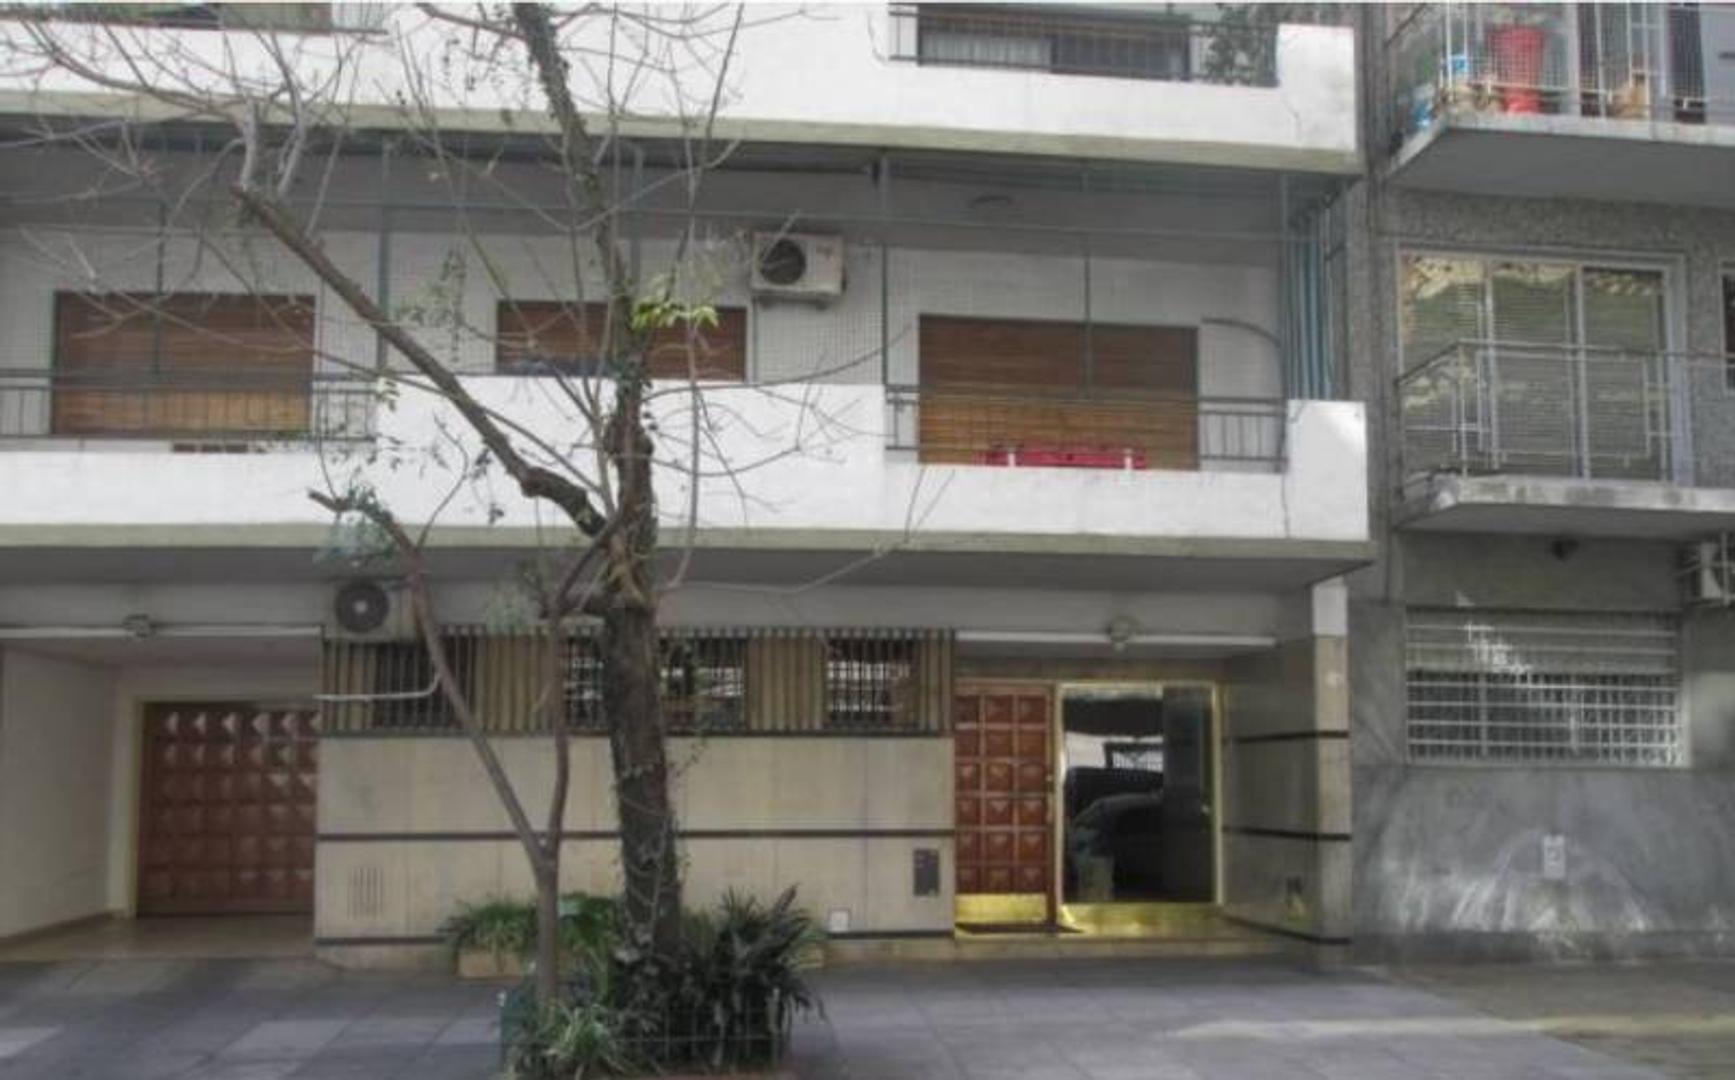 DEPARTAMENTO EN VENTA-145 M2 TOTALES-EXCELENTE 4 AMBIENTES C/DEPENDENCIA-COCHERA Y BAULERA